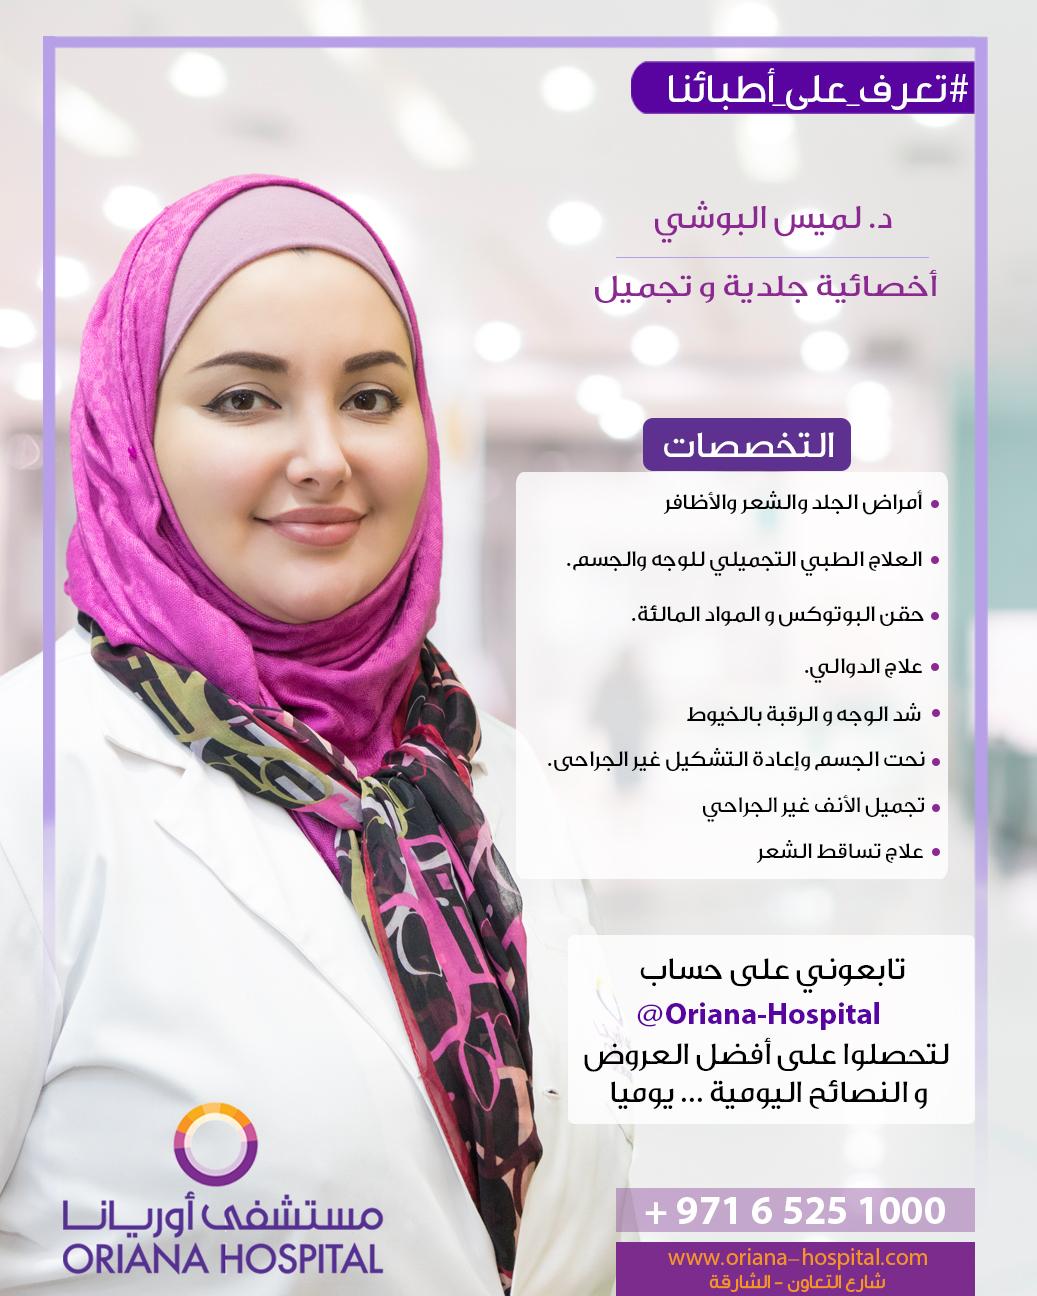 dr lamis arabic copy